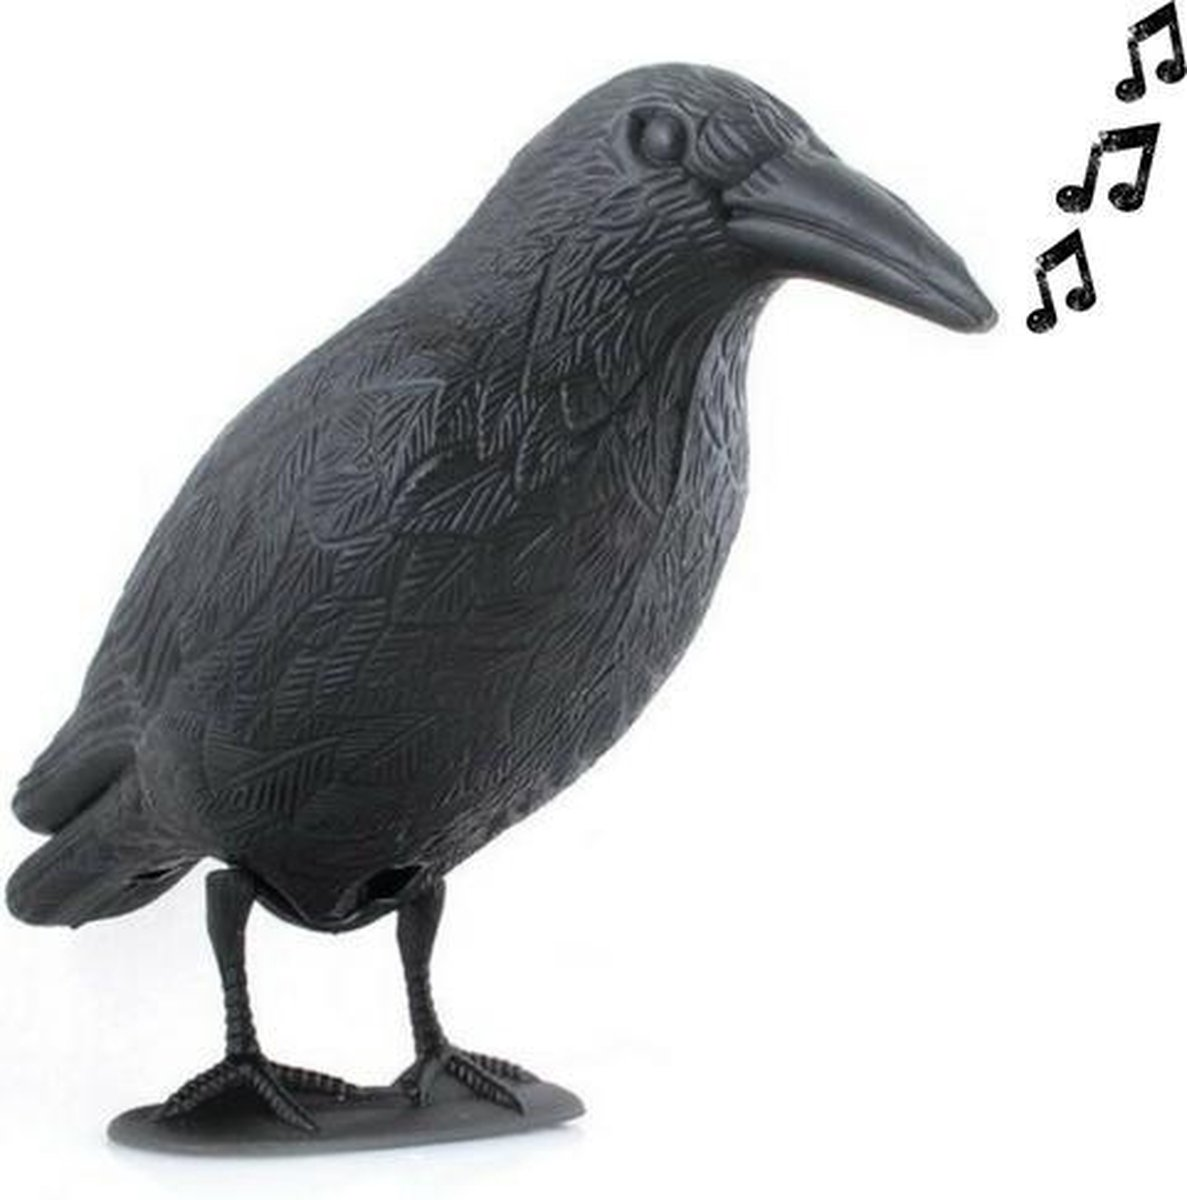 Vogelverschrikker met GELUID - sensor tot 1 meter - kraai - duivenverjager